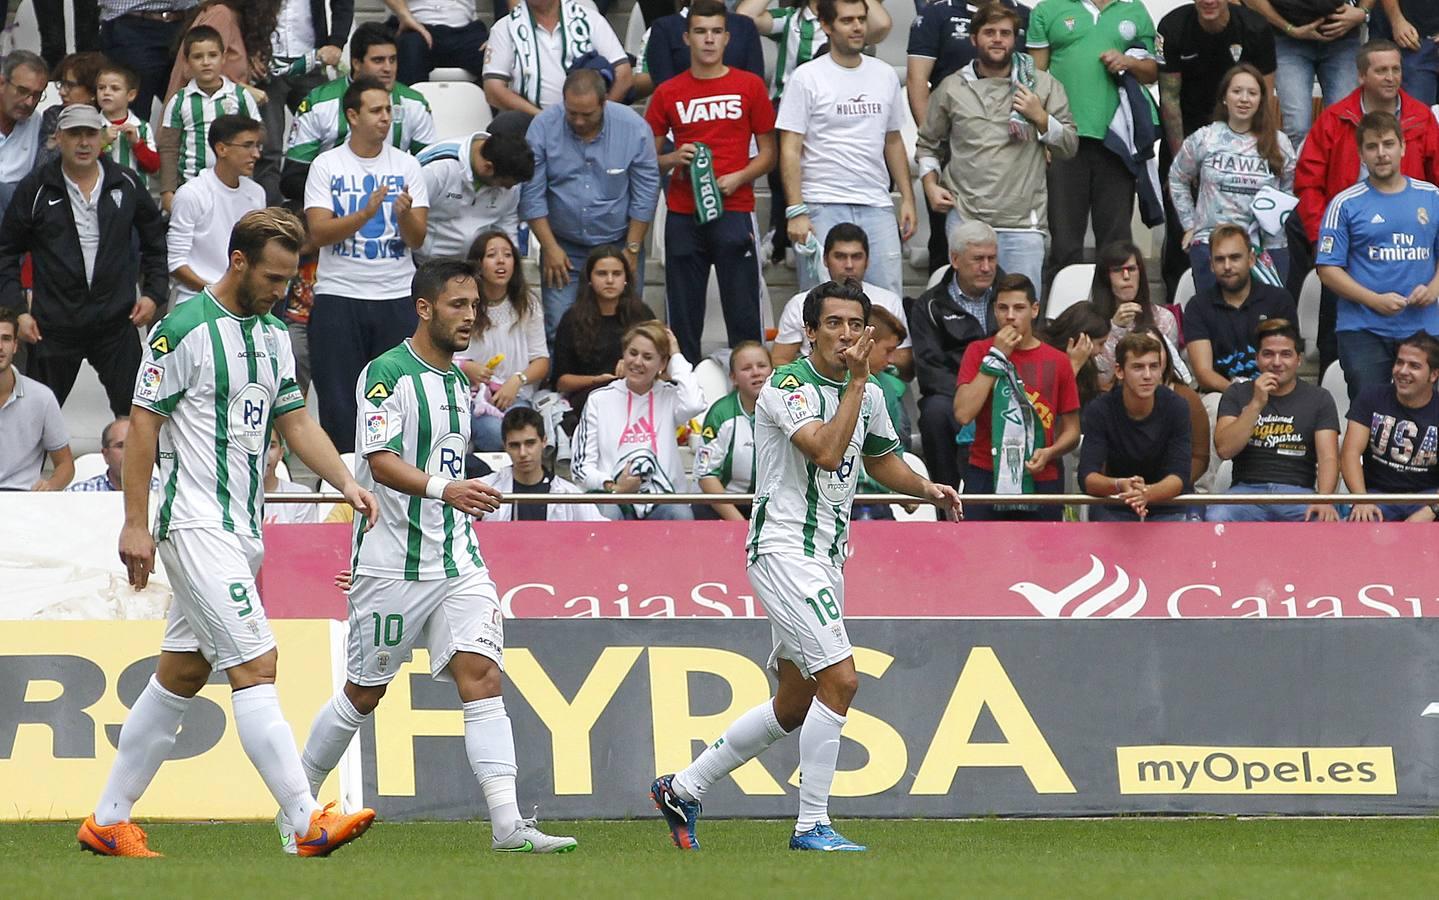 Osasuna y Córdoba se mantienen en lo alto de la tabla con Zaragoza, Oviedo y Nastic a 4 puntos